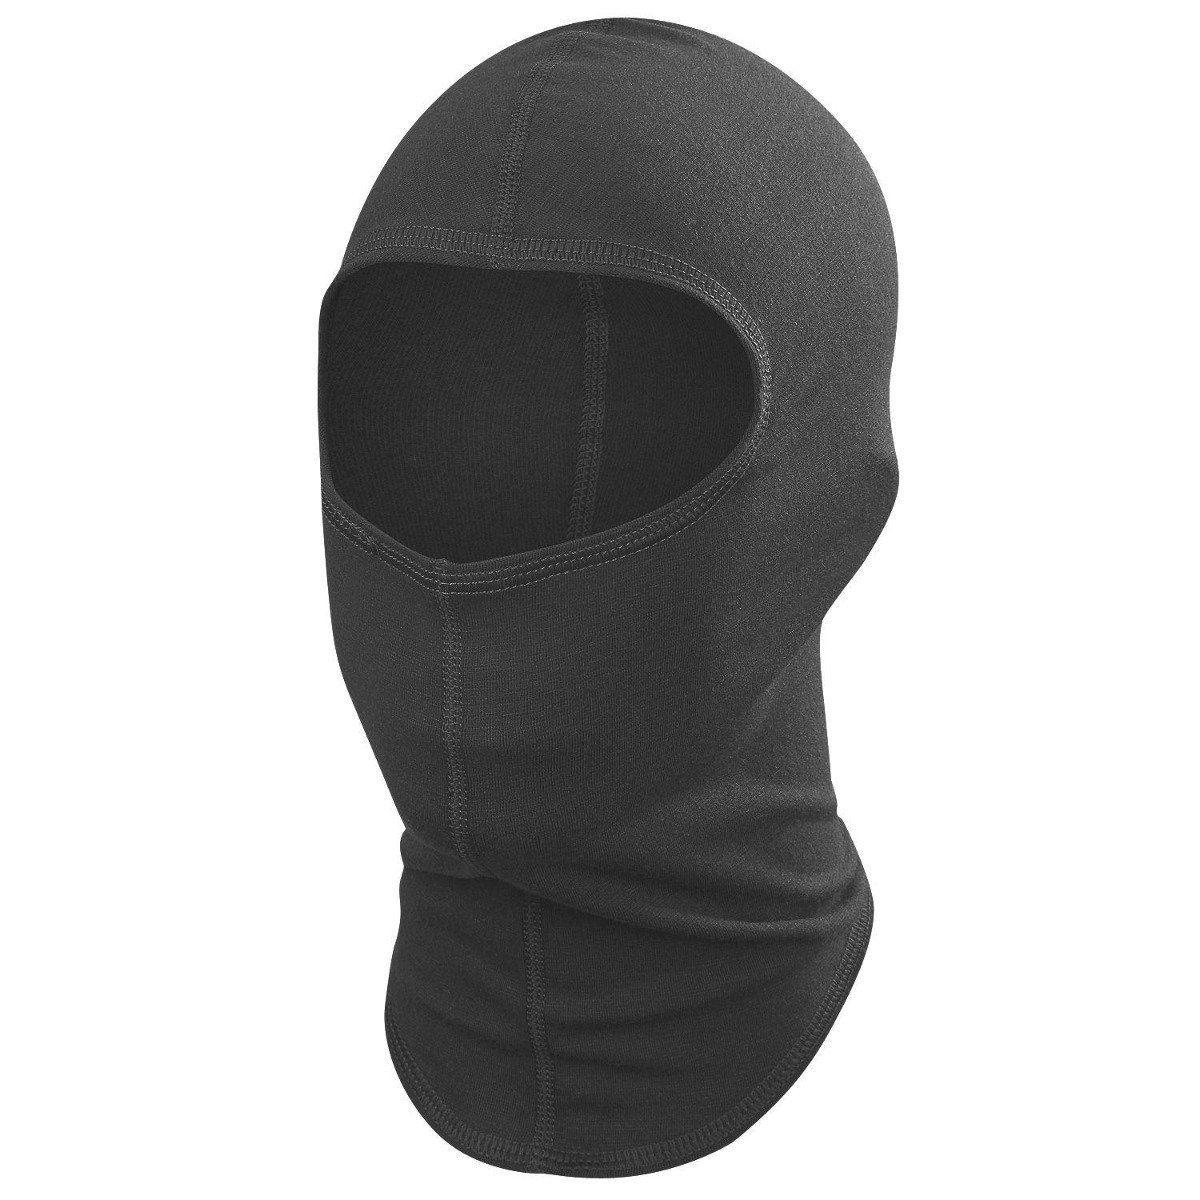 Balaclava Moto Touca Ninja